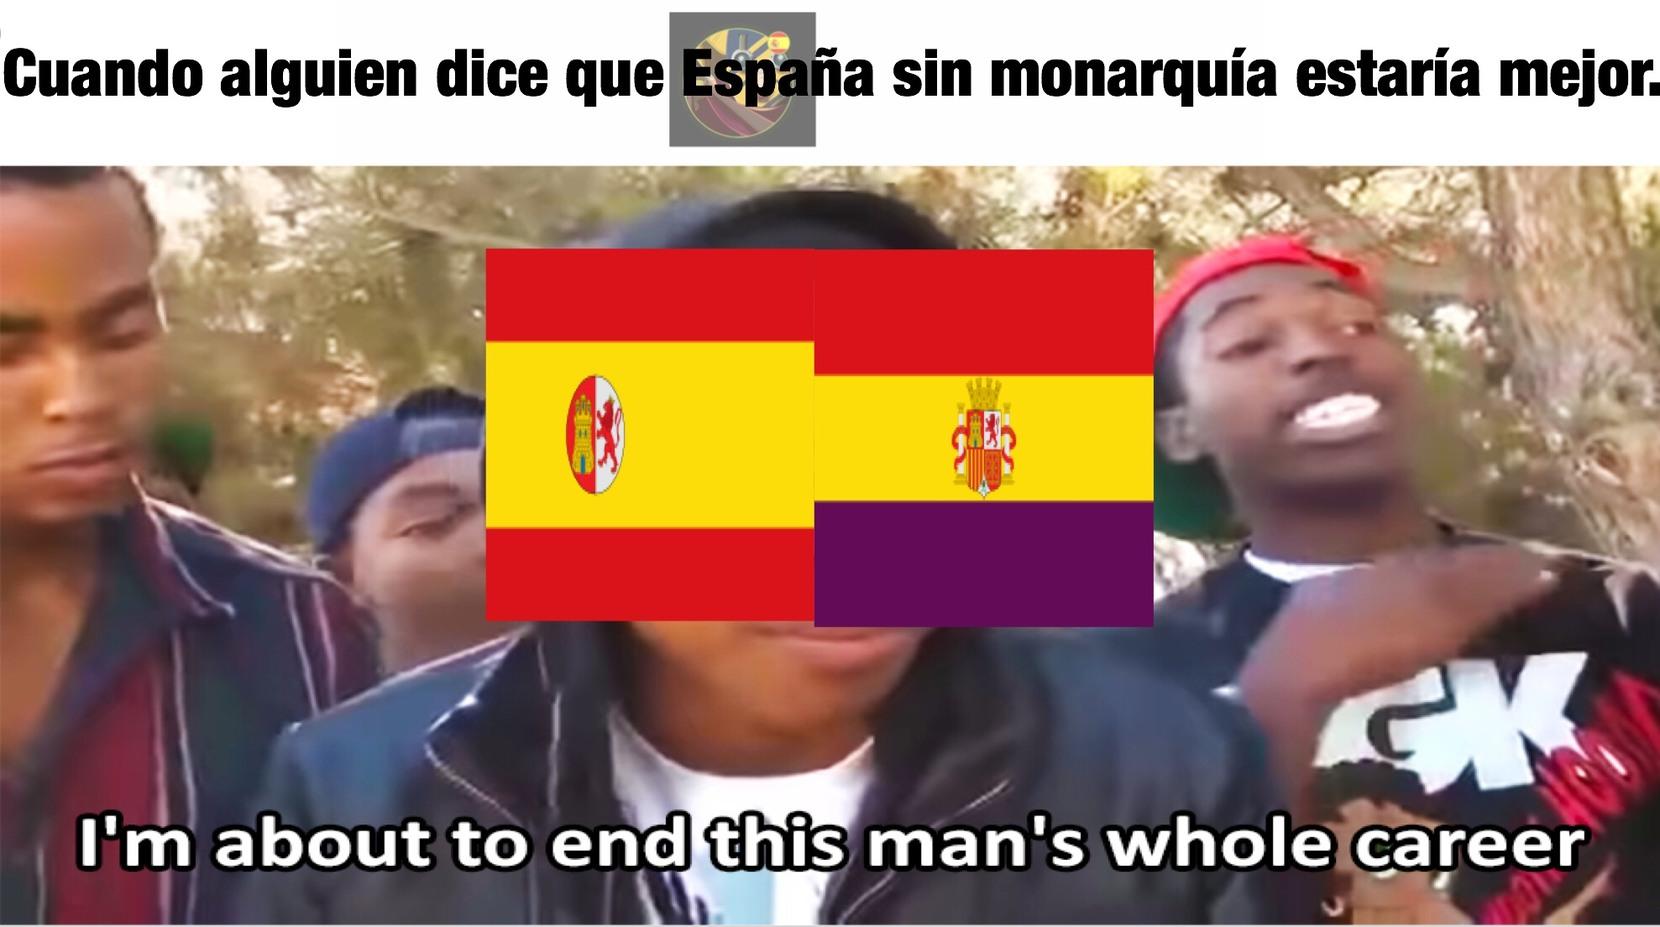 Sogeking PD: Las 2 repúblicas españolas fueron cortas, inestables y jodierón España. - meme